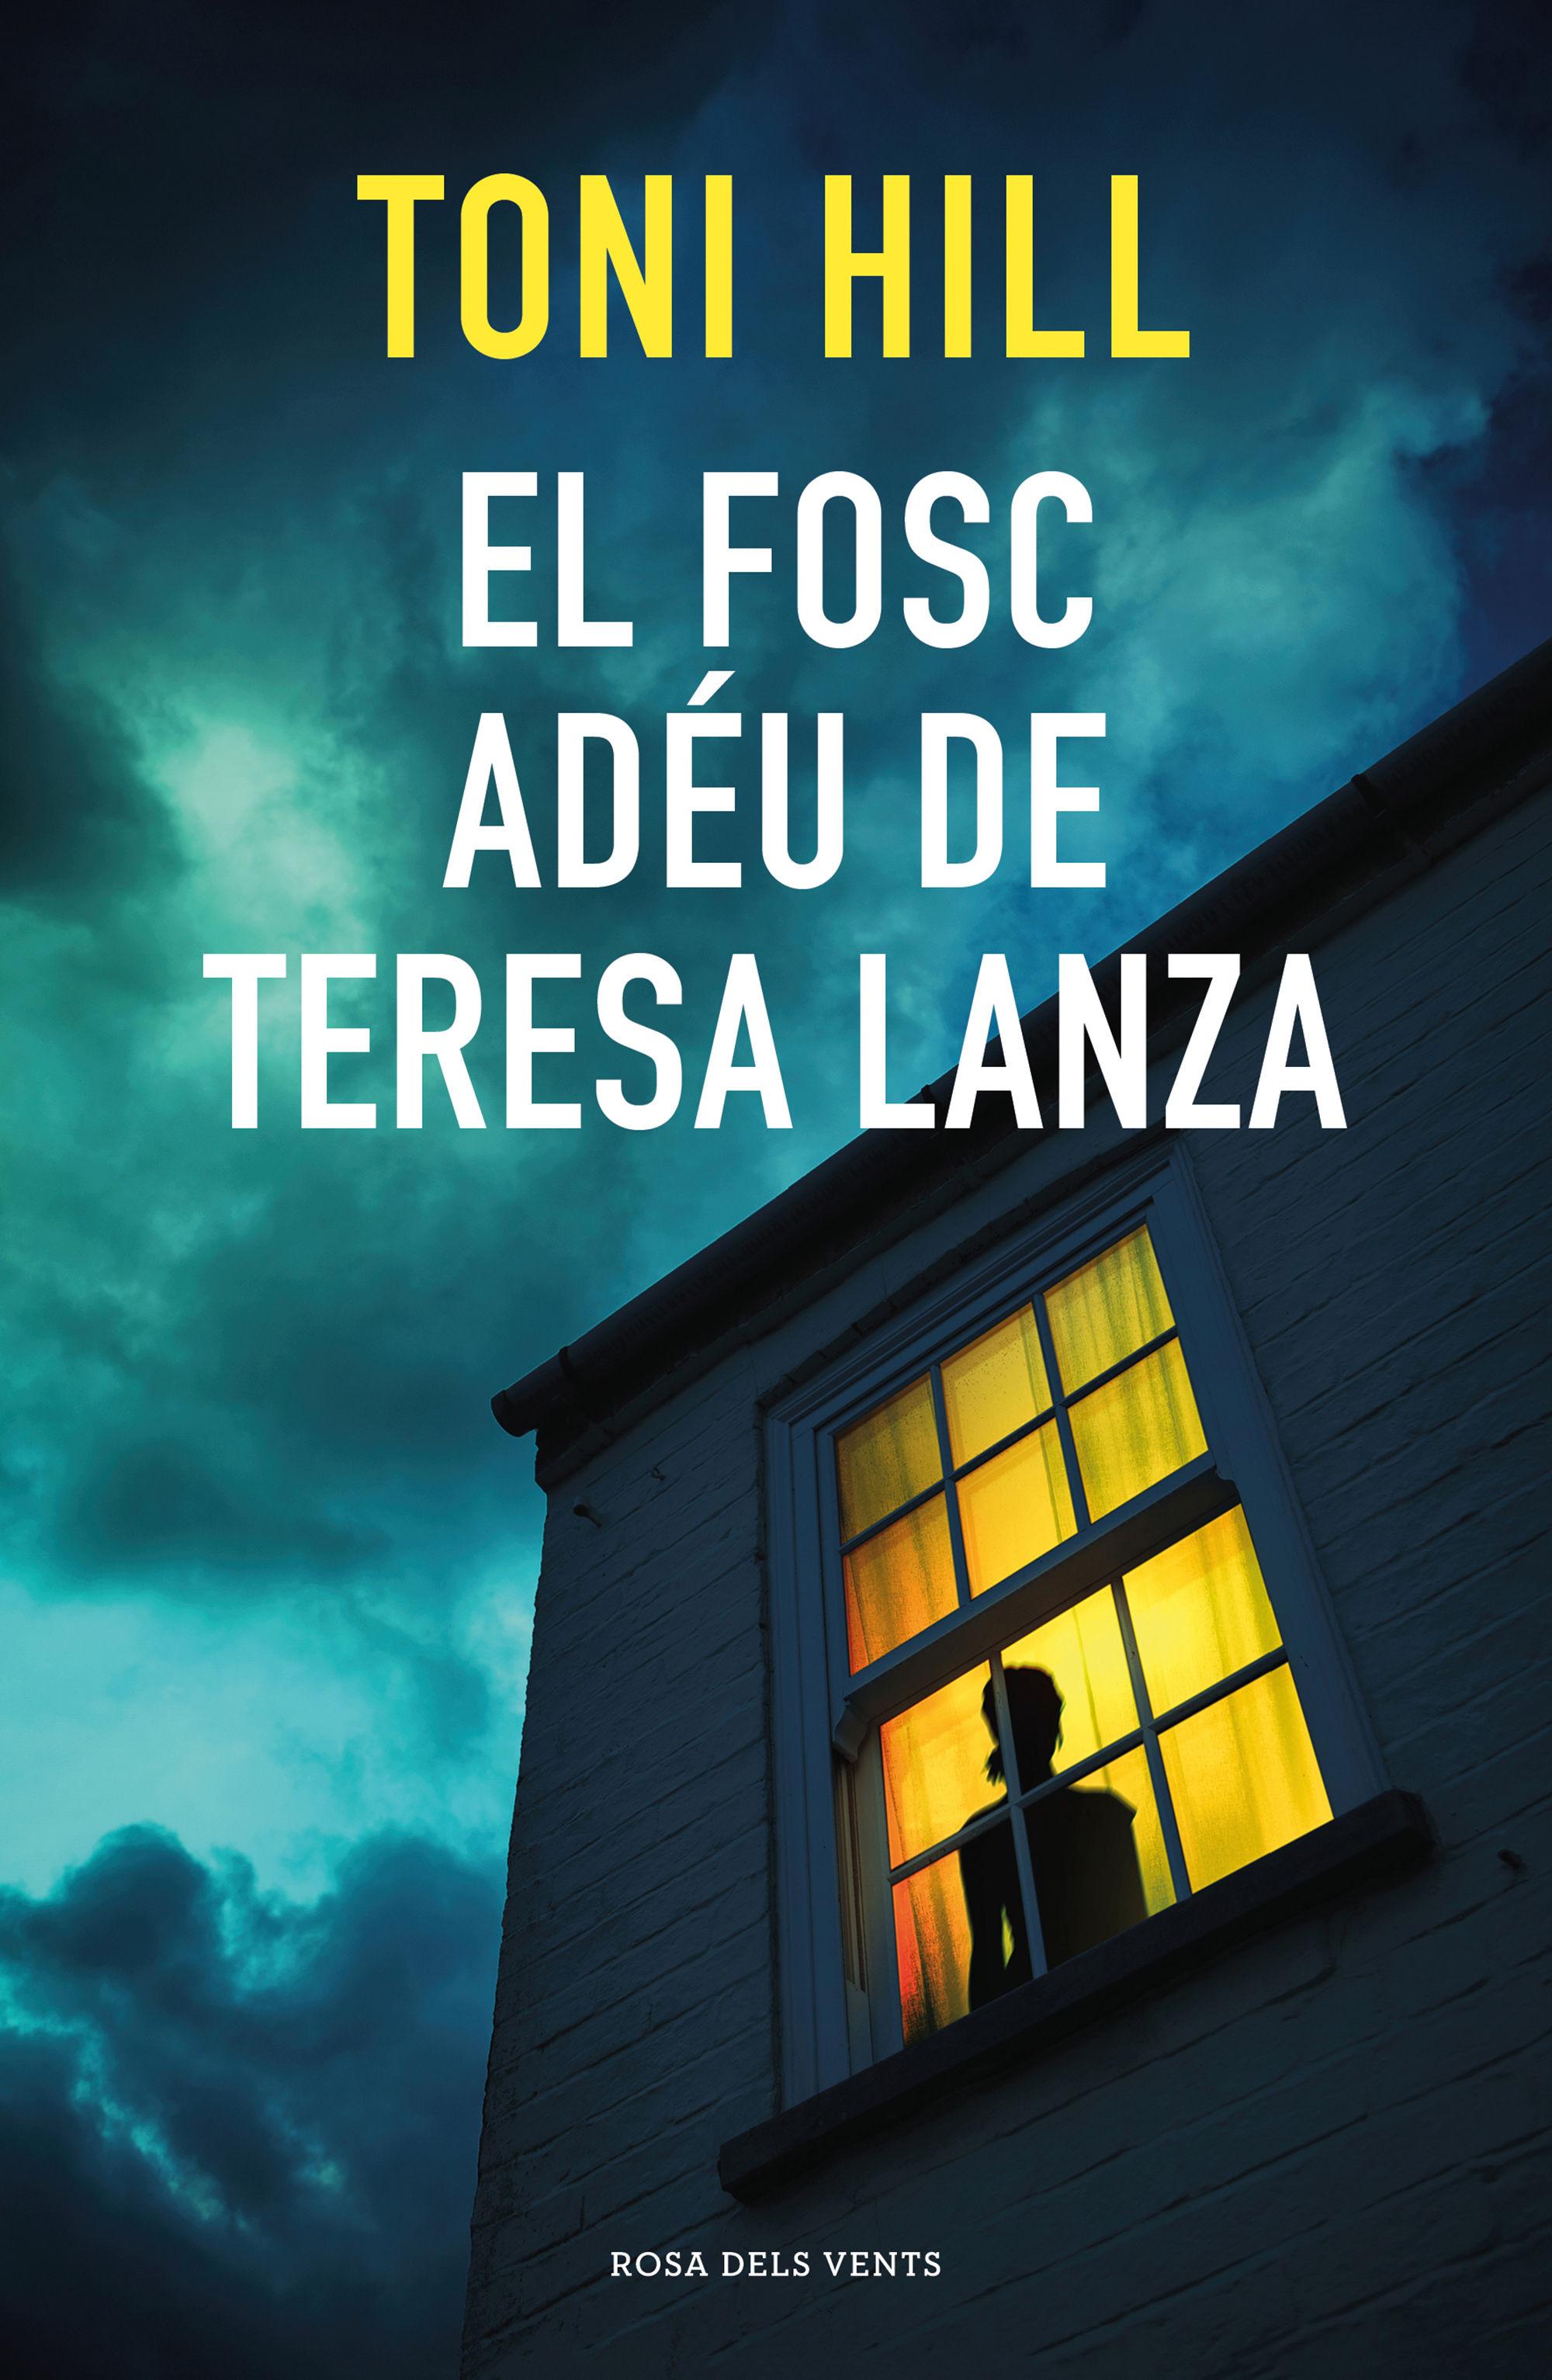 OBSCUR ADEU DE TERESA LANZA L